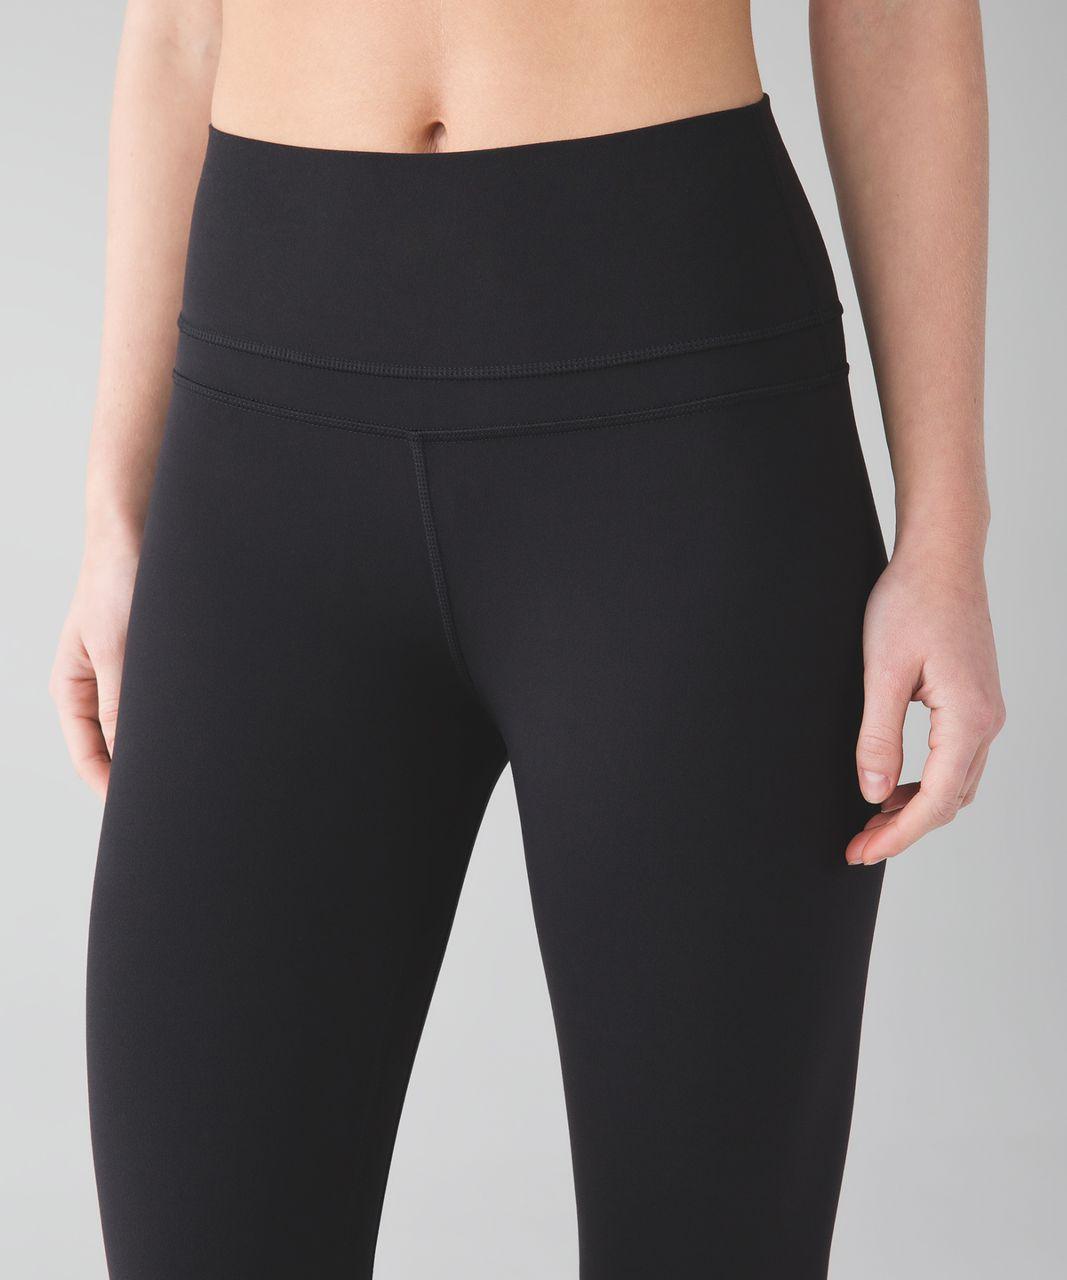 Lululemon Align Pant - Black